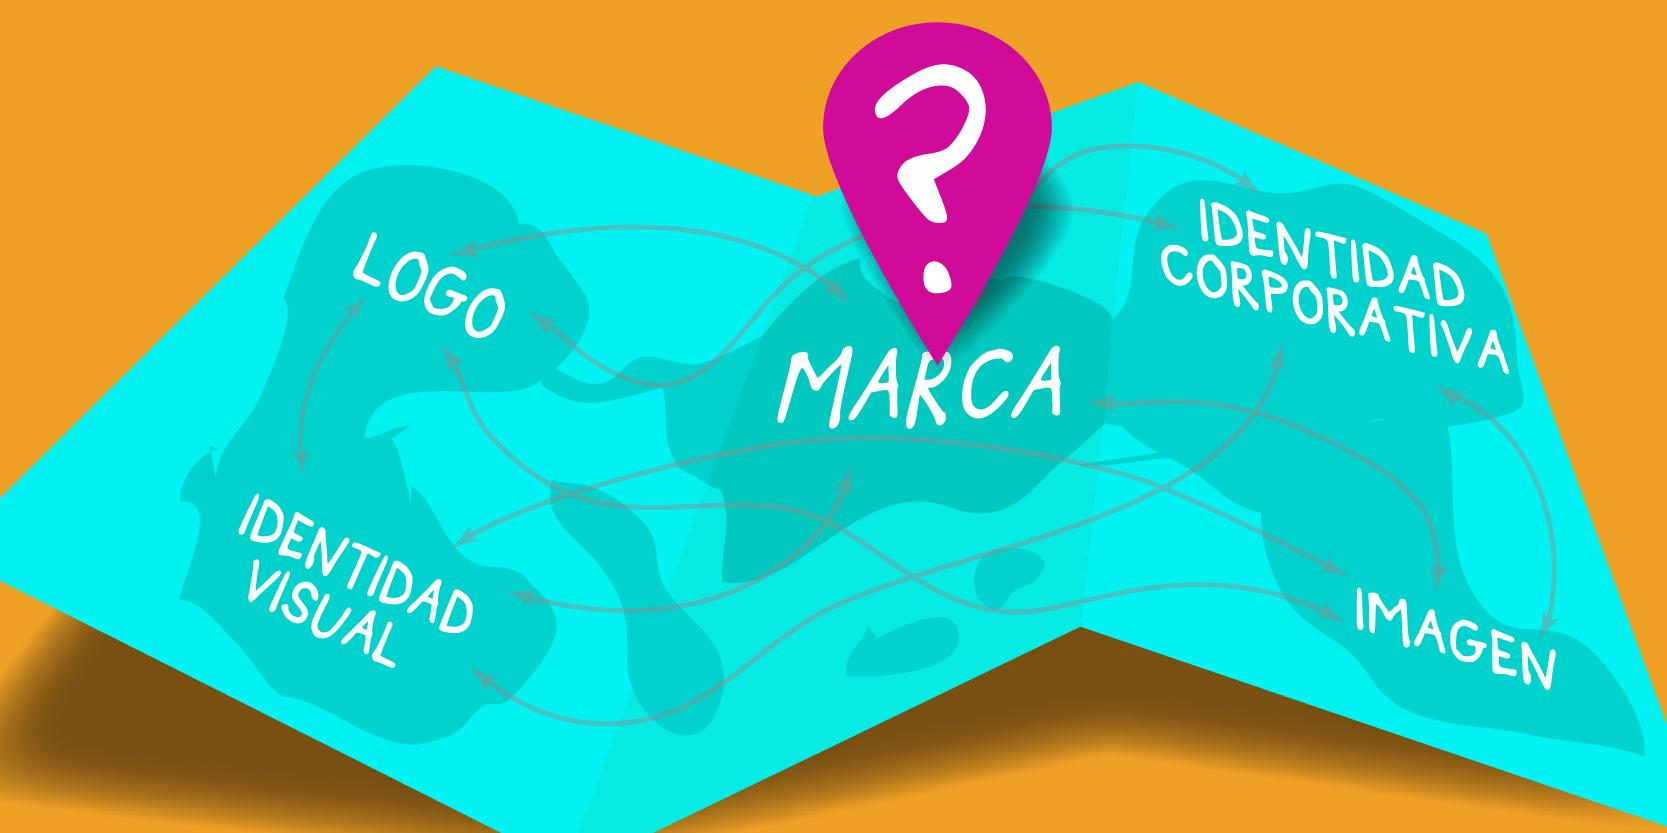 Marca, Logo, Imagen, Identidad visual corporativa… ¿quién es quién?